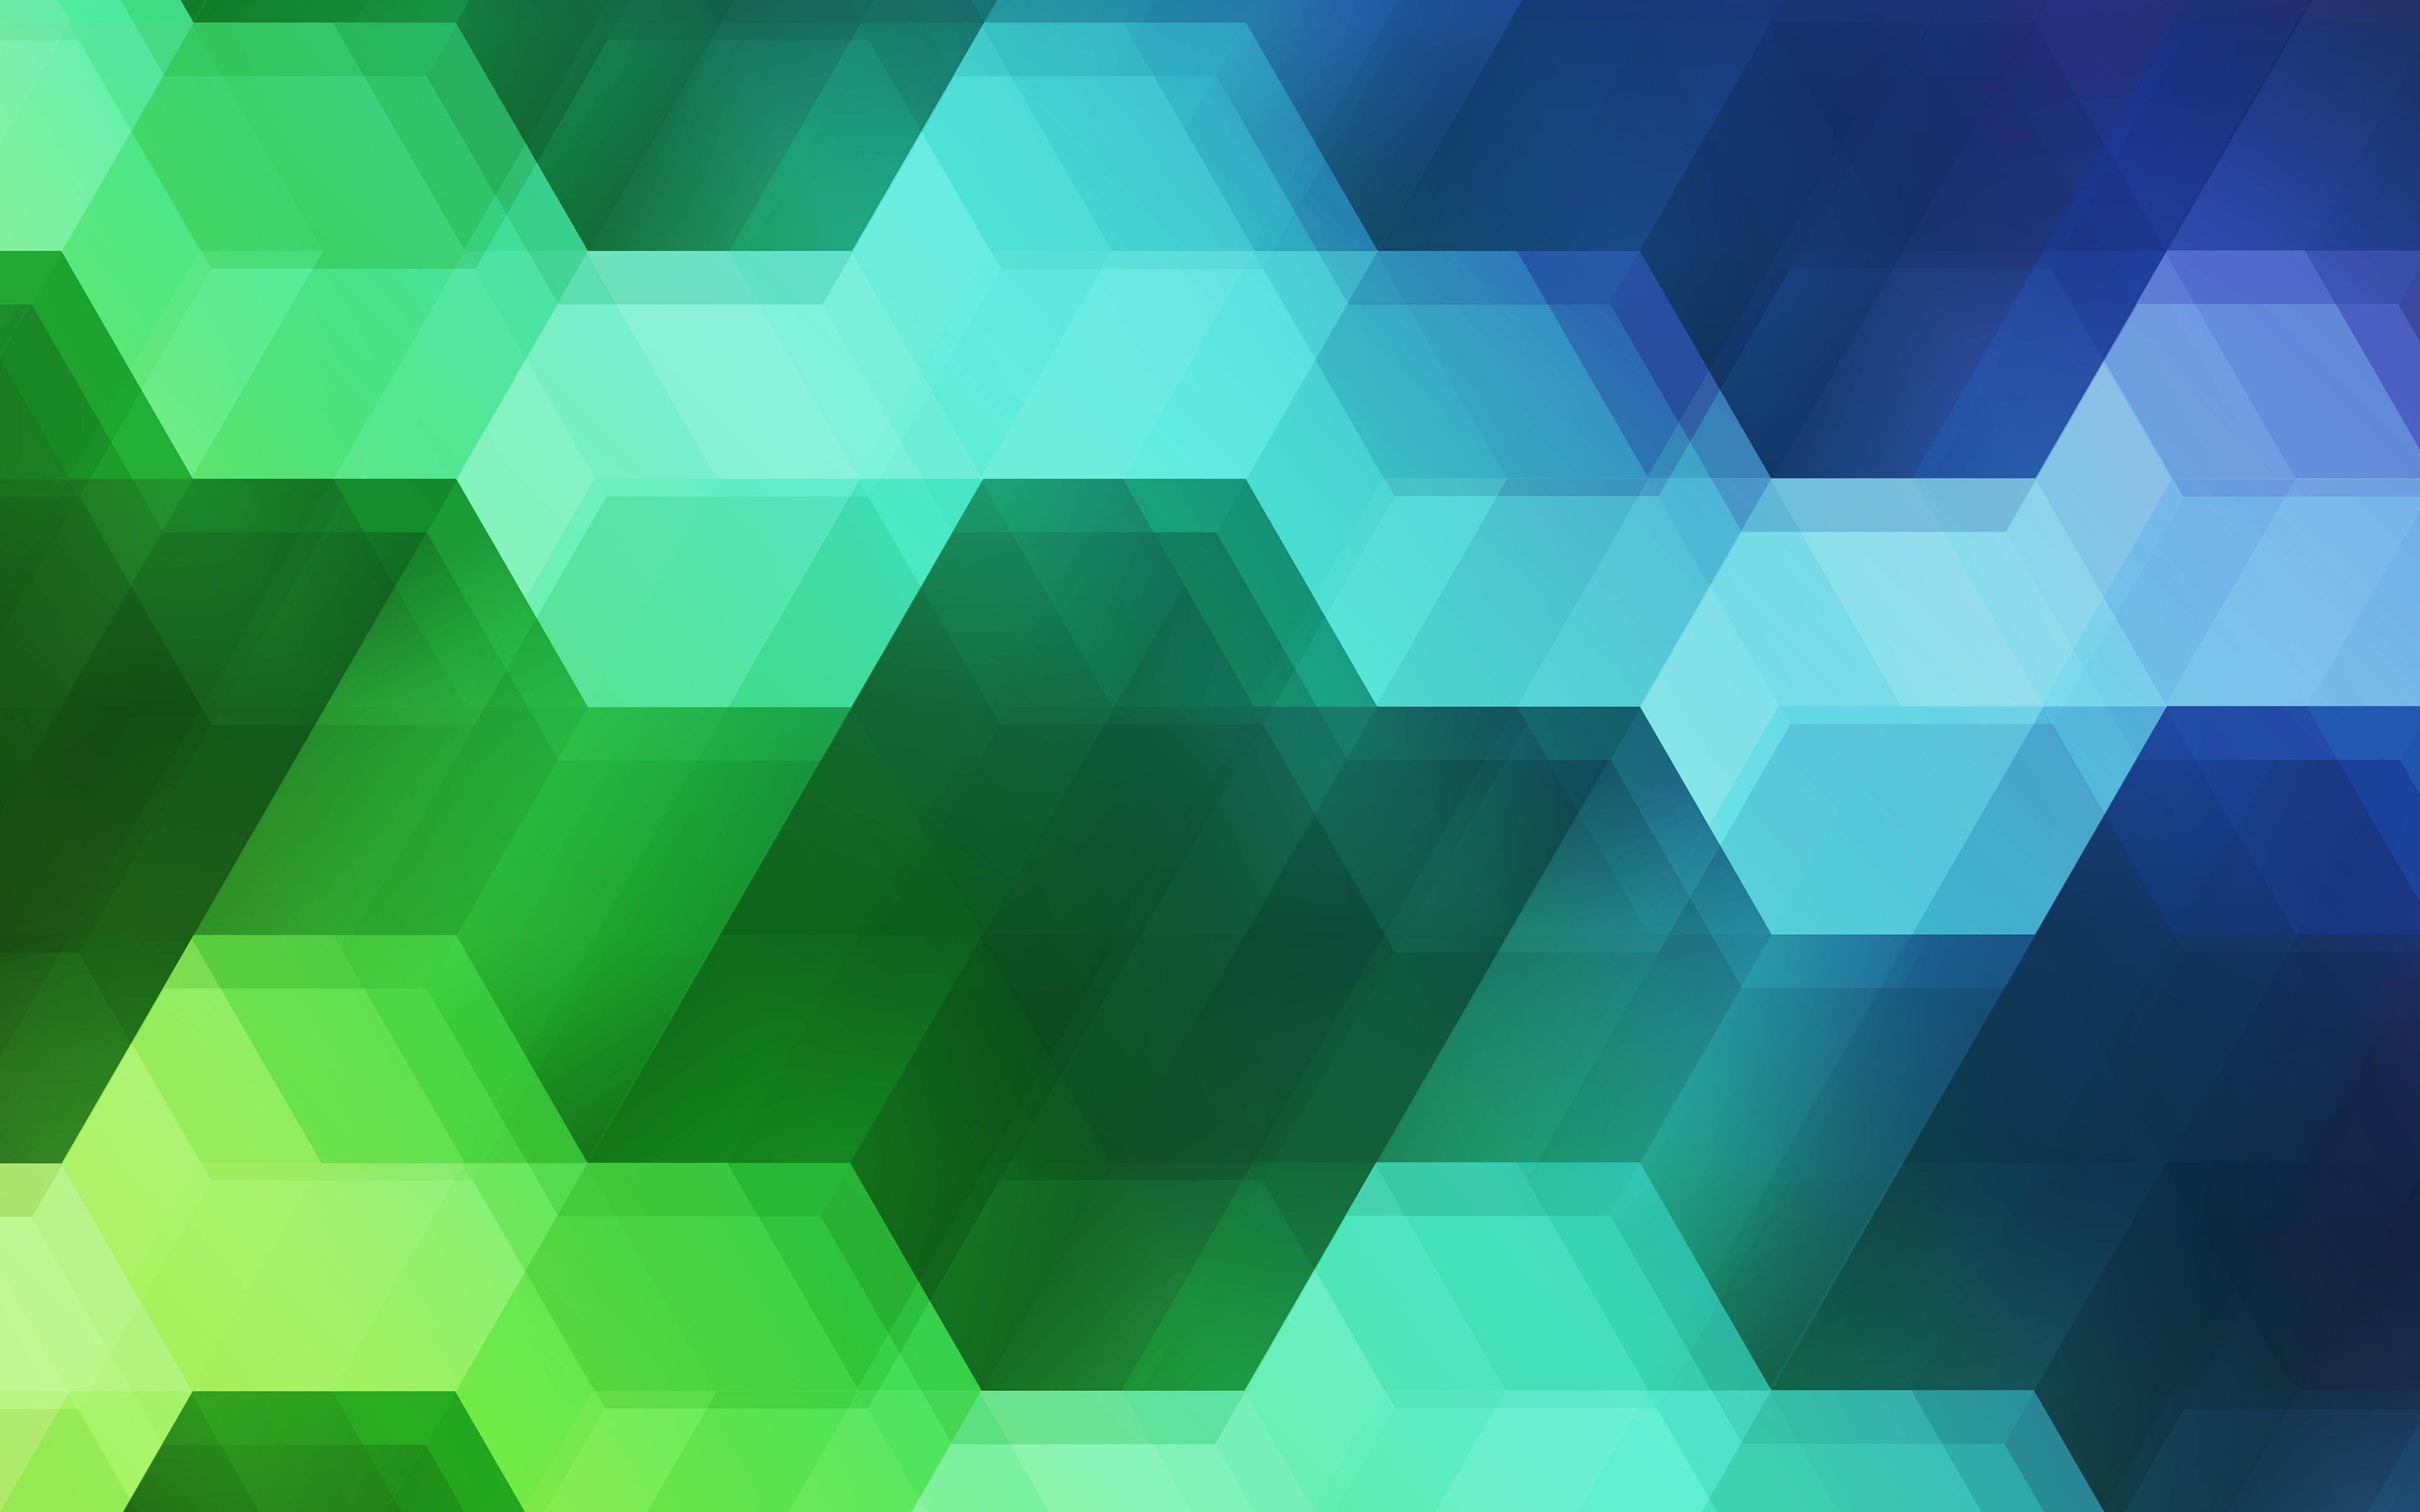 Спектр шестиугольника обои скачать